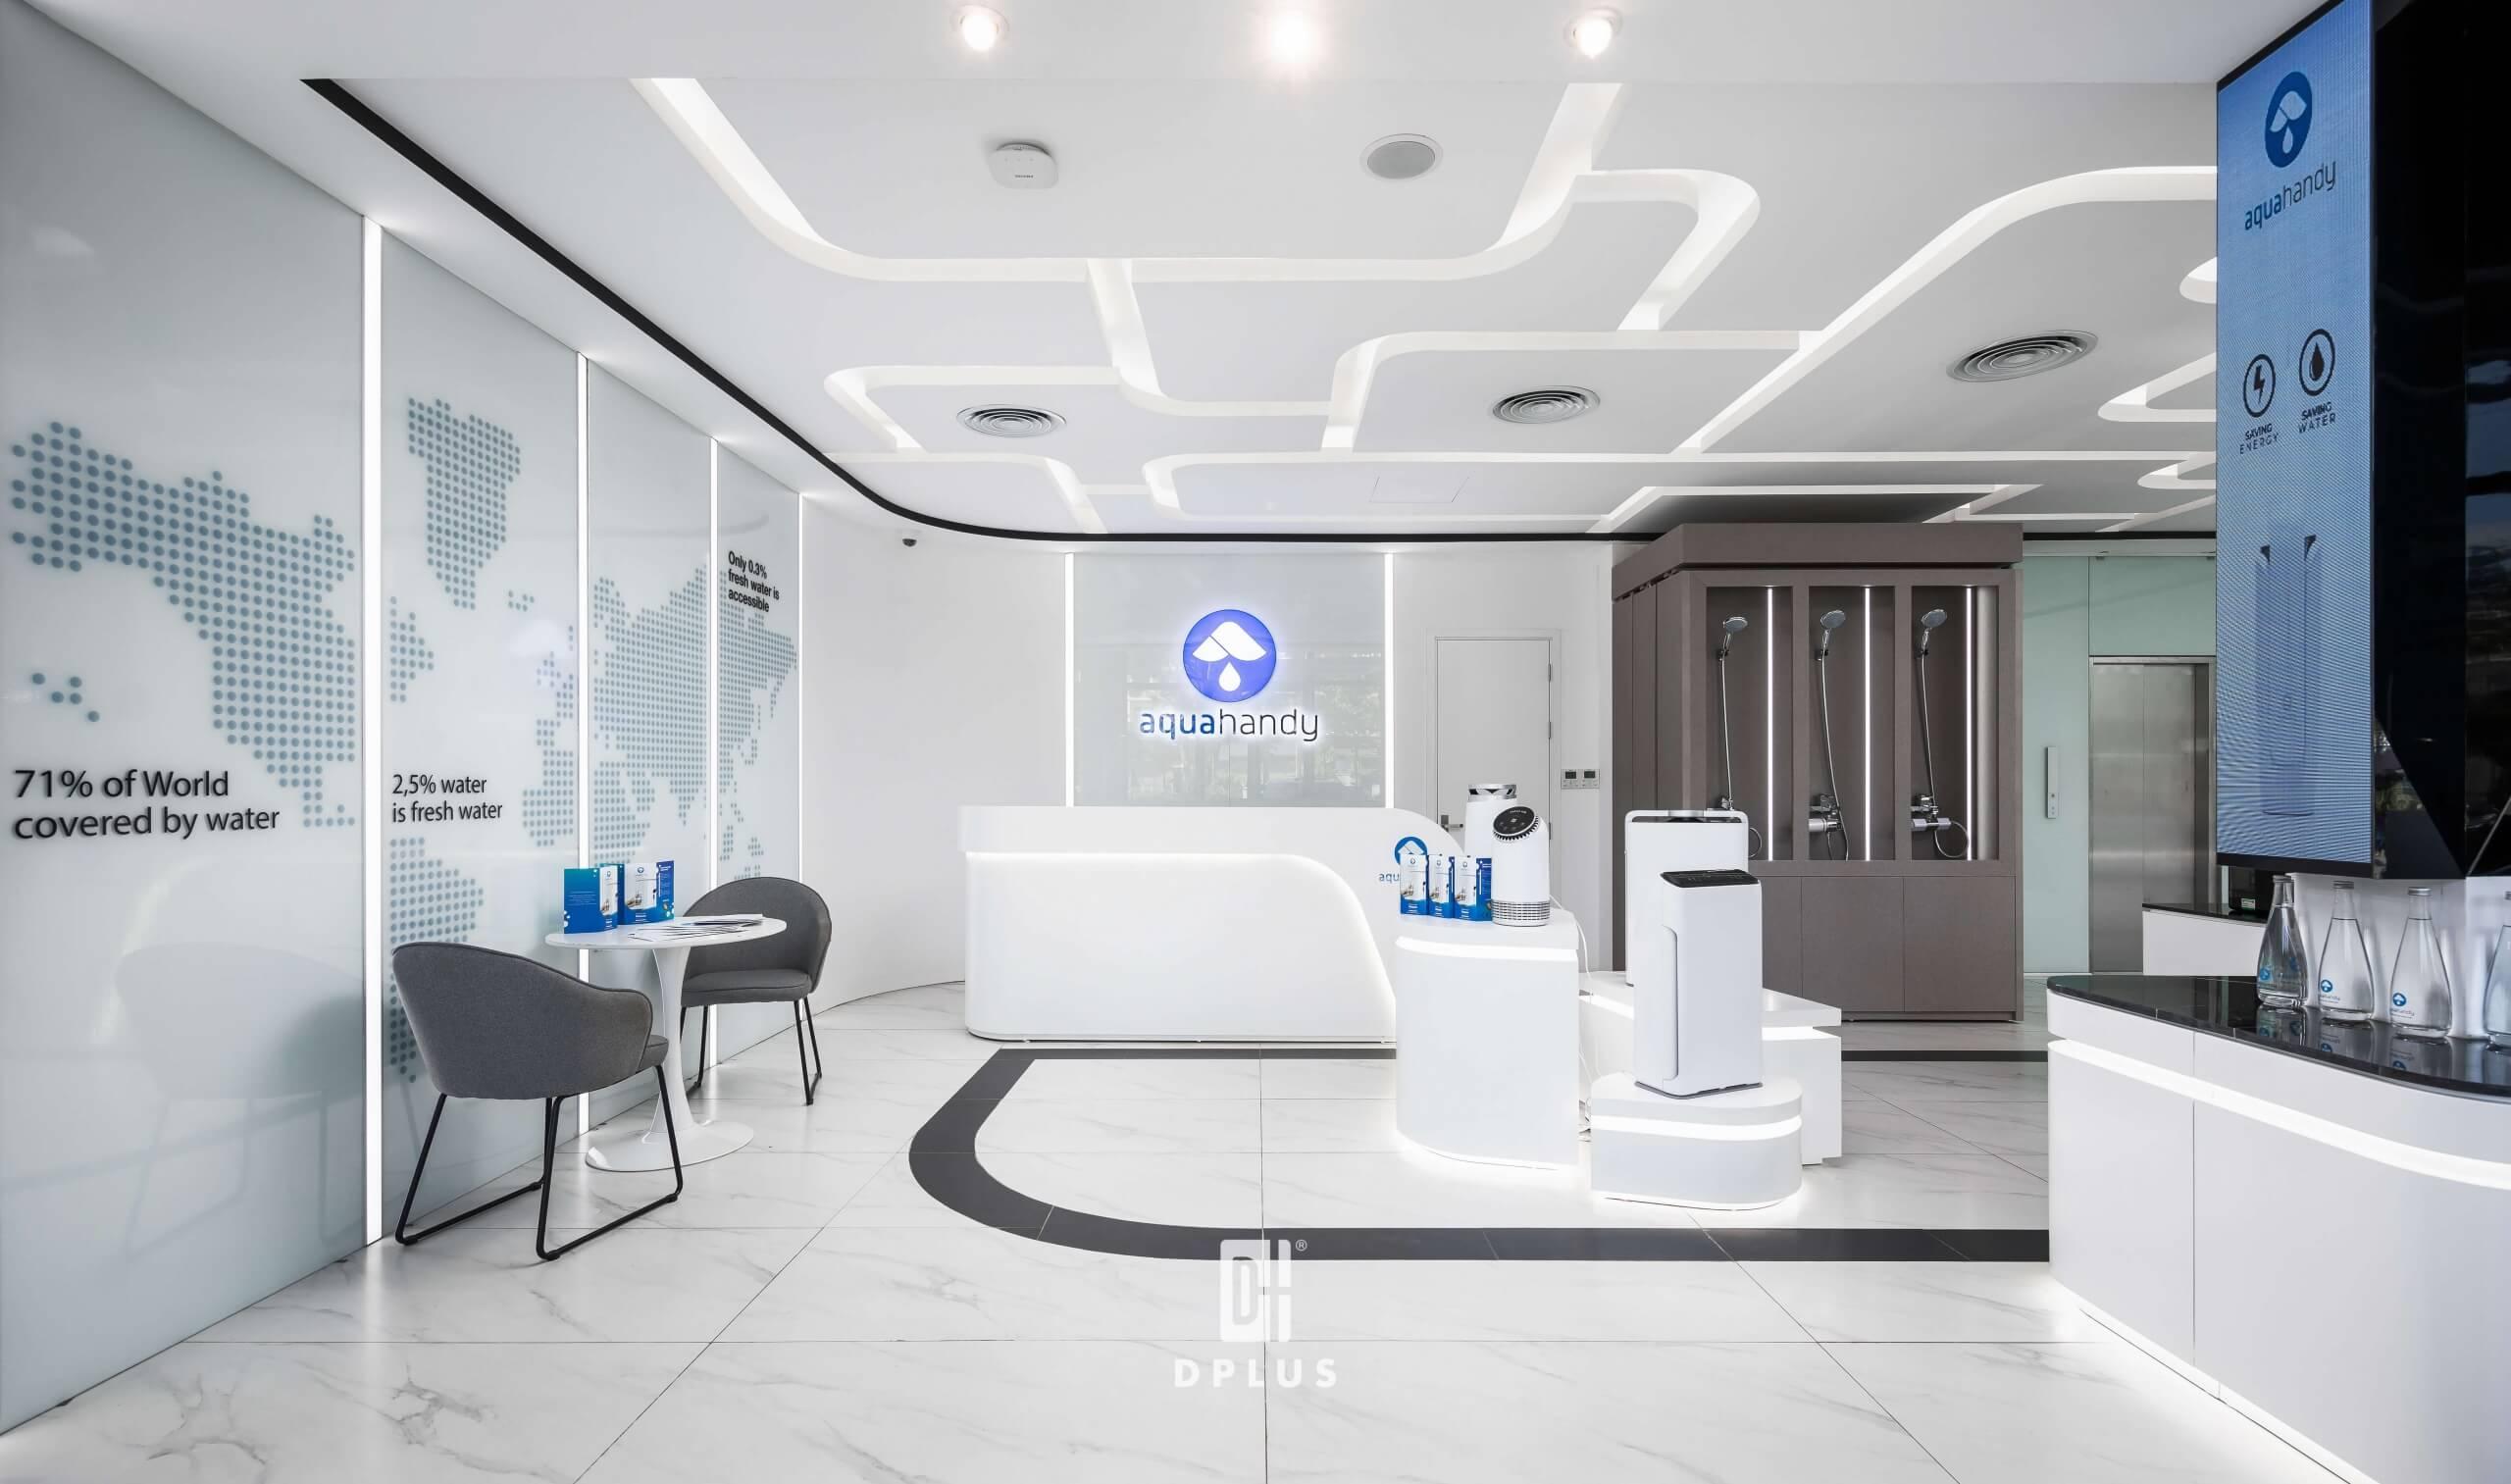 Thiết kế showroom theo nhận diện thương hiệu và văn hoá doanh nghiệp